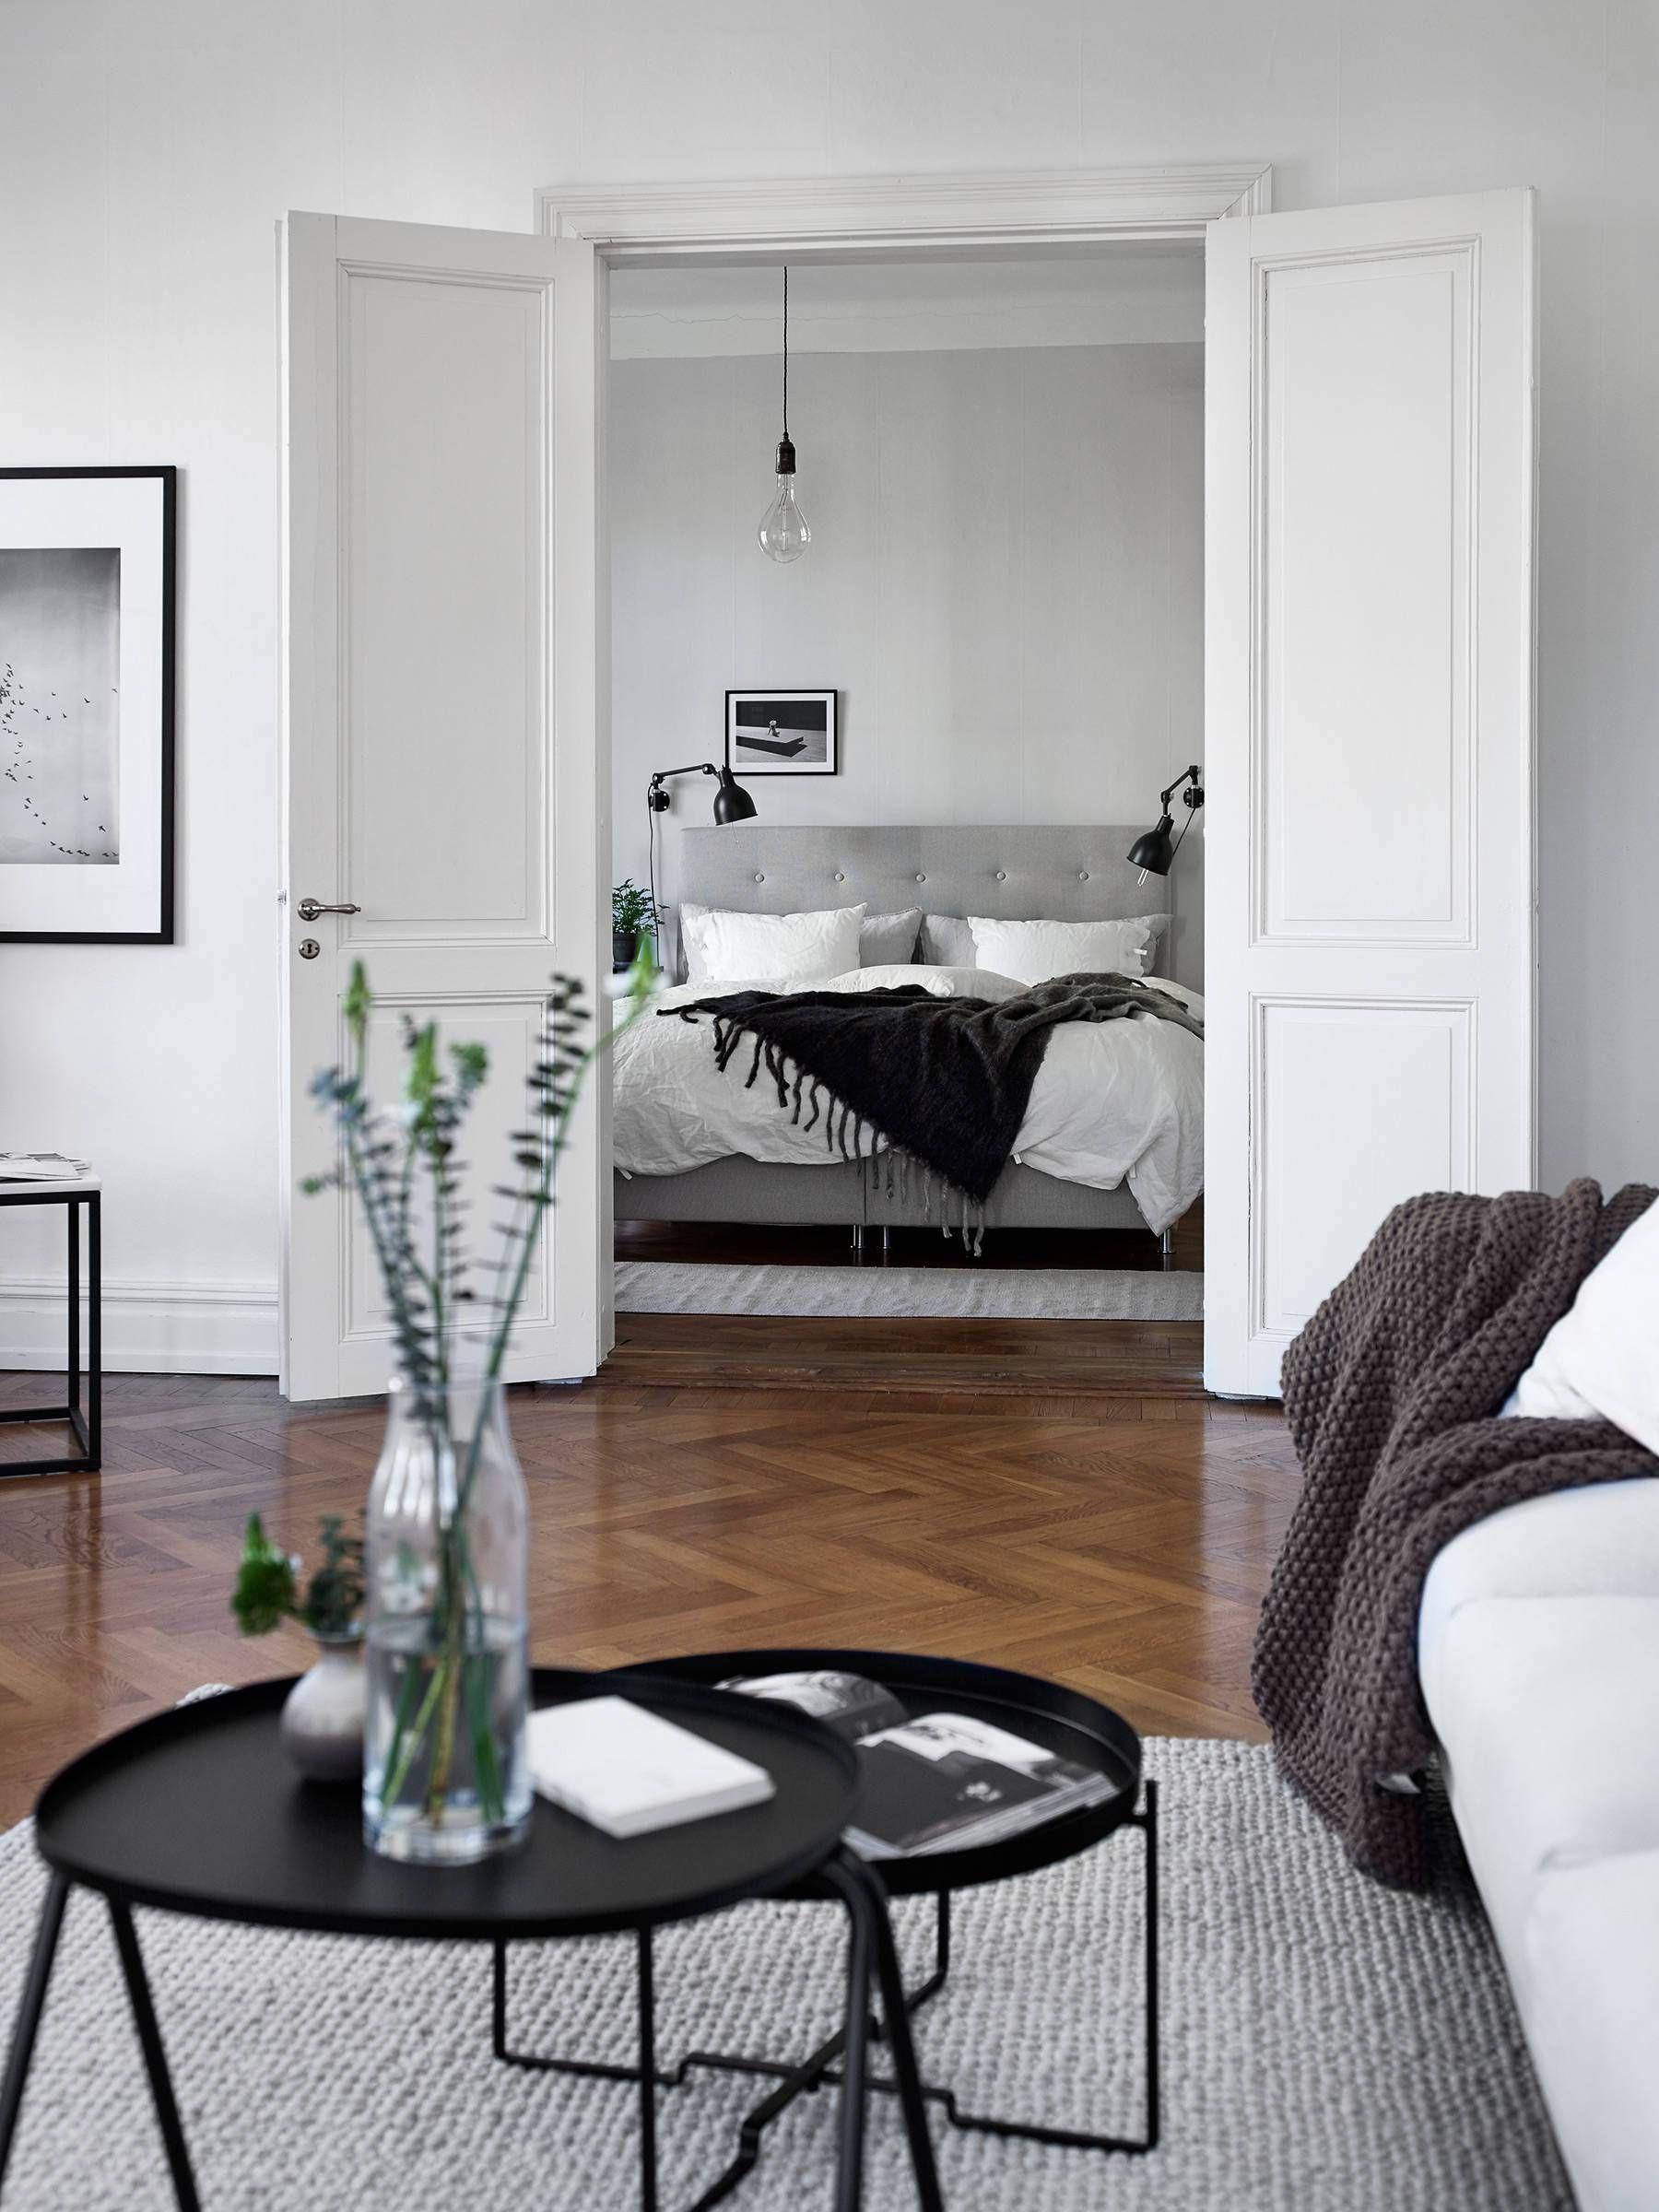 Last Century Home Via Cocolapinedesign Com Home Decor Interior Bedroom Interior